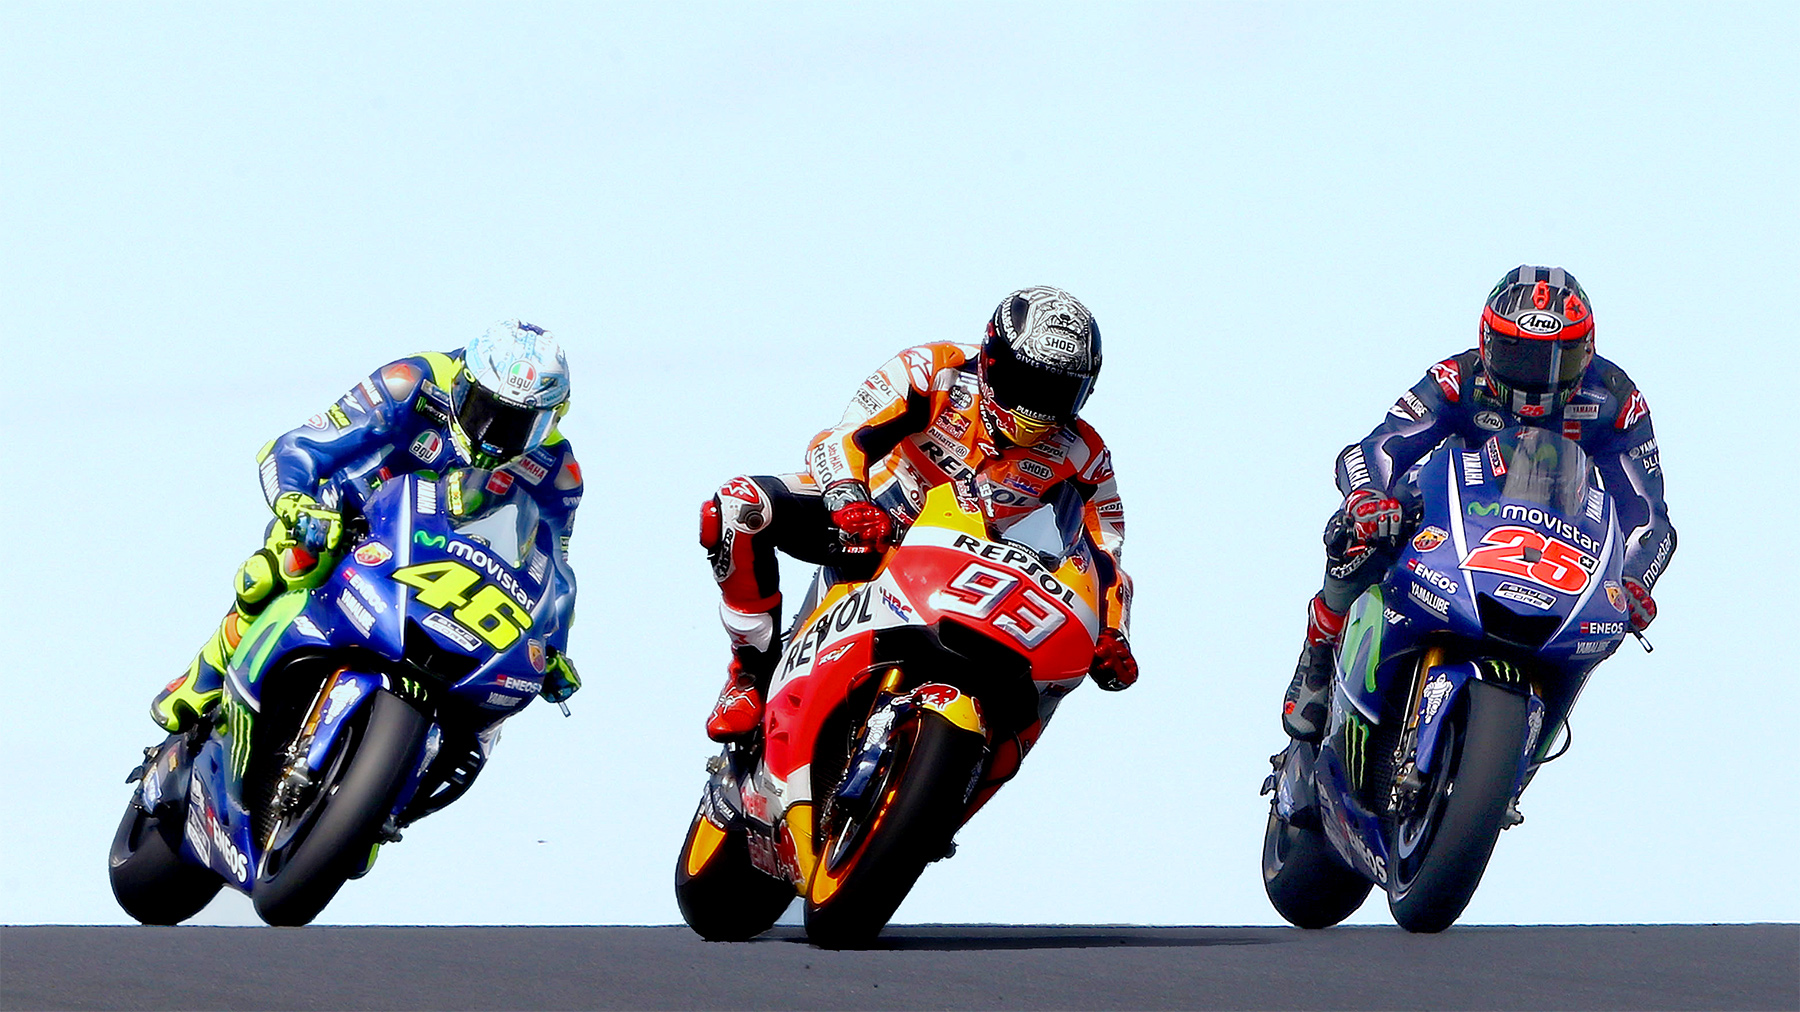 Previa Mundial de MotoGP 2017: lista de equipos y pilotos, calendario y cinco favoritos